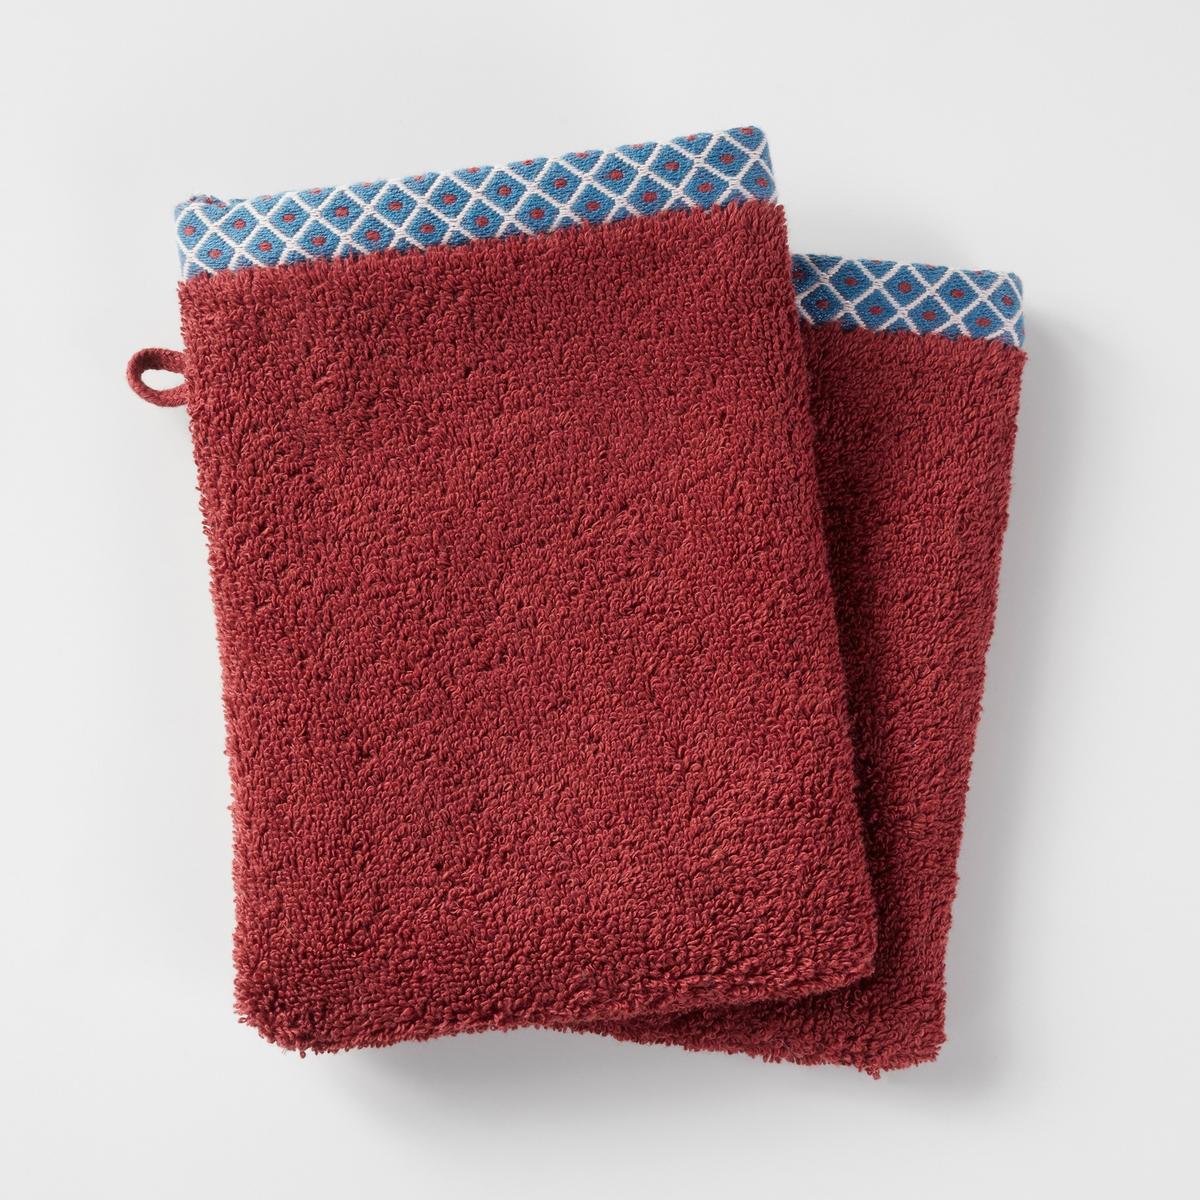 Комплект из 2-х банных рукавичек, 100% хлопка, EVORAХарактеристики:Материал: махровая ткань, 100% хлопка, 500 г/м?.Уход: Машинная стирка при 60°С.Размеры:- 15 x 21 см.<br><br>Цвет: кирпичный<br>Размер: комплект из 2